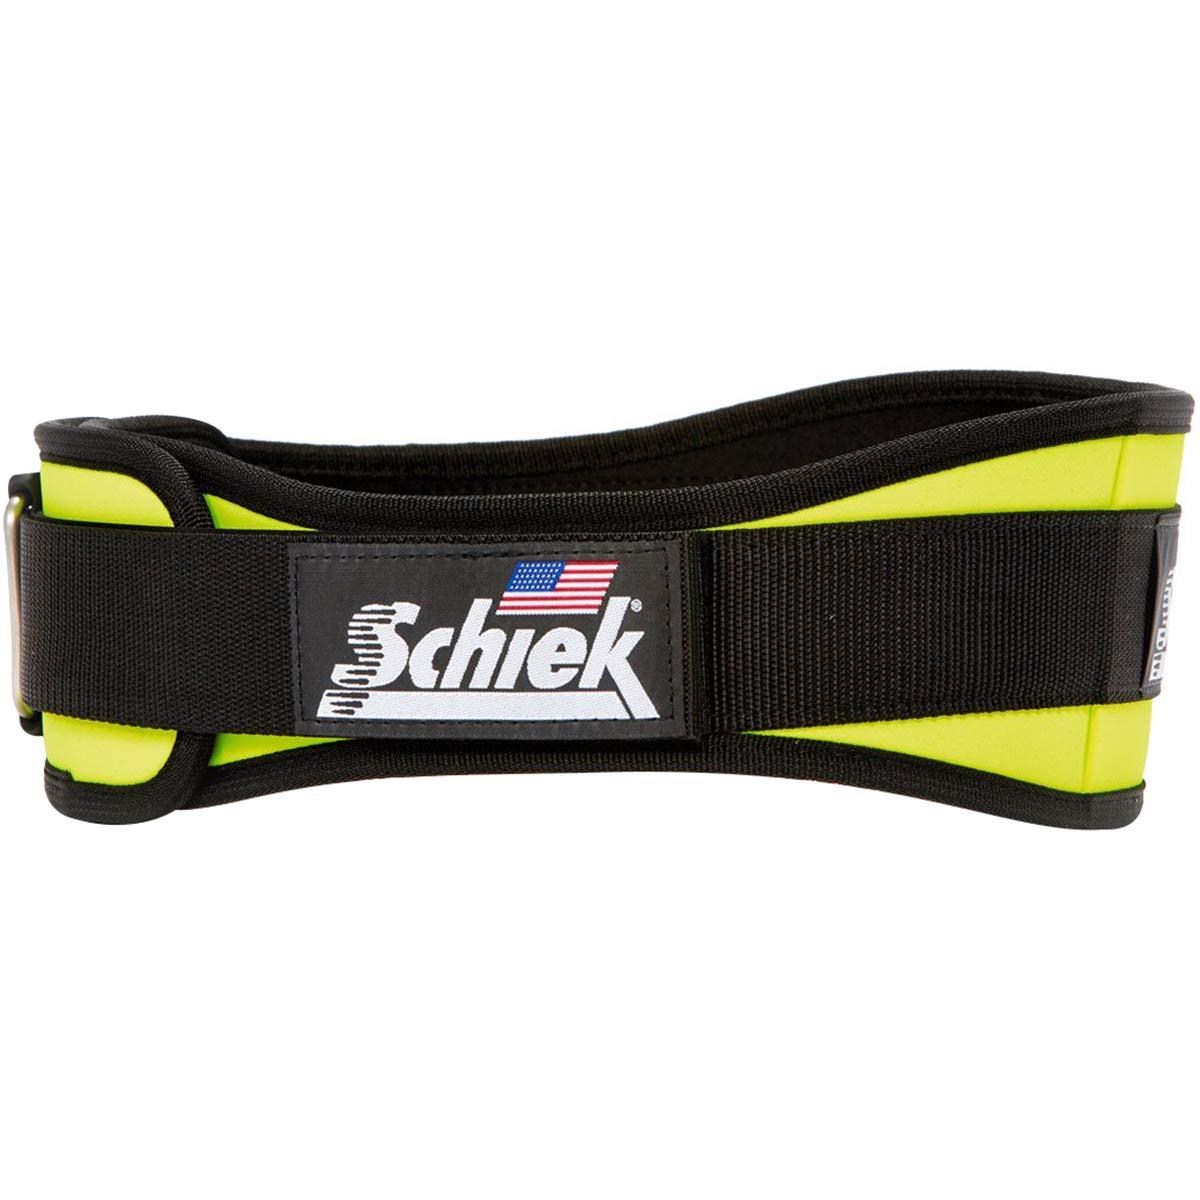 Schiek 2004 Contour Weight Lifting Belt Green